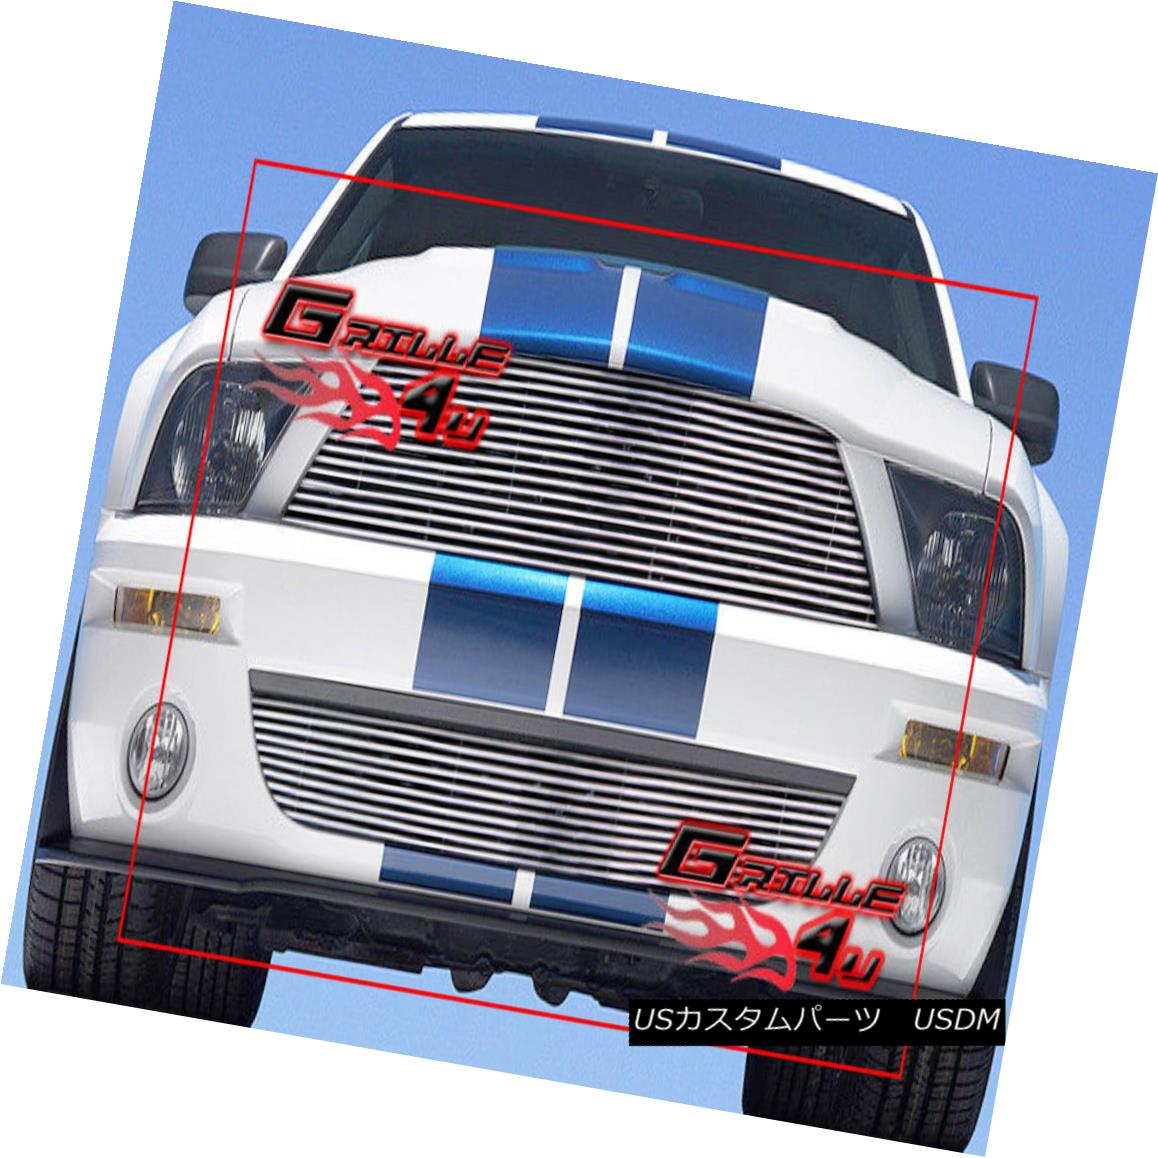 グリル For 07-09 Ford Mustang Shelby GT500 Billet Grille Combo 07-09 Ford Mustang Shelby GT500ビレットグリルコンボ用